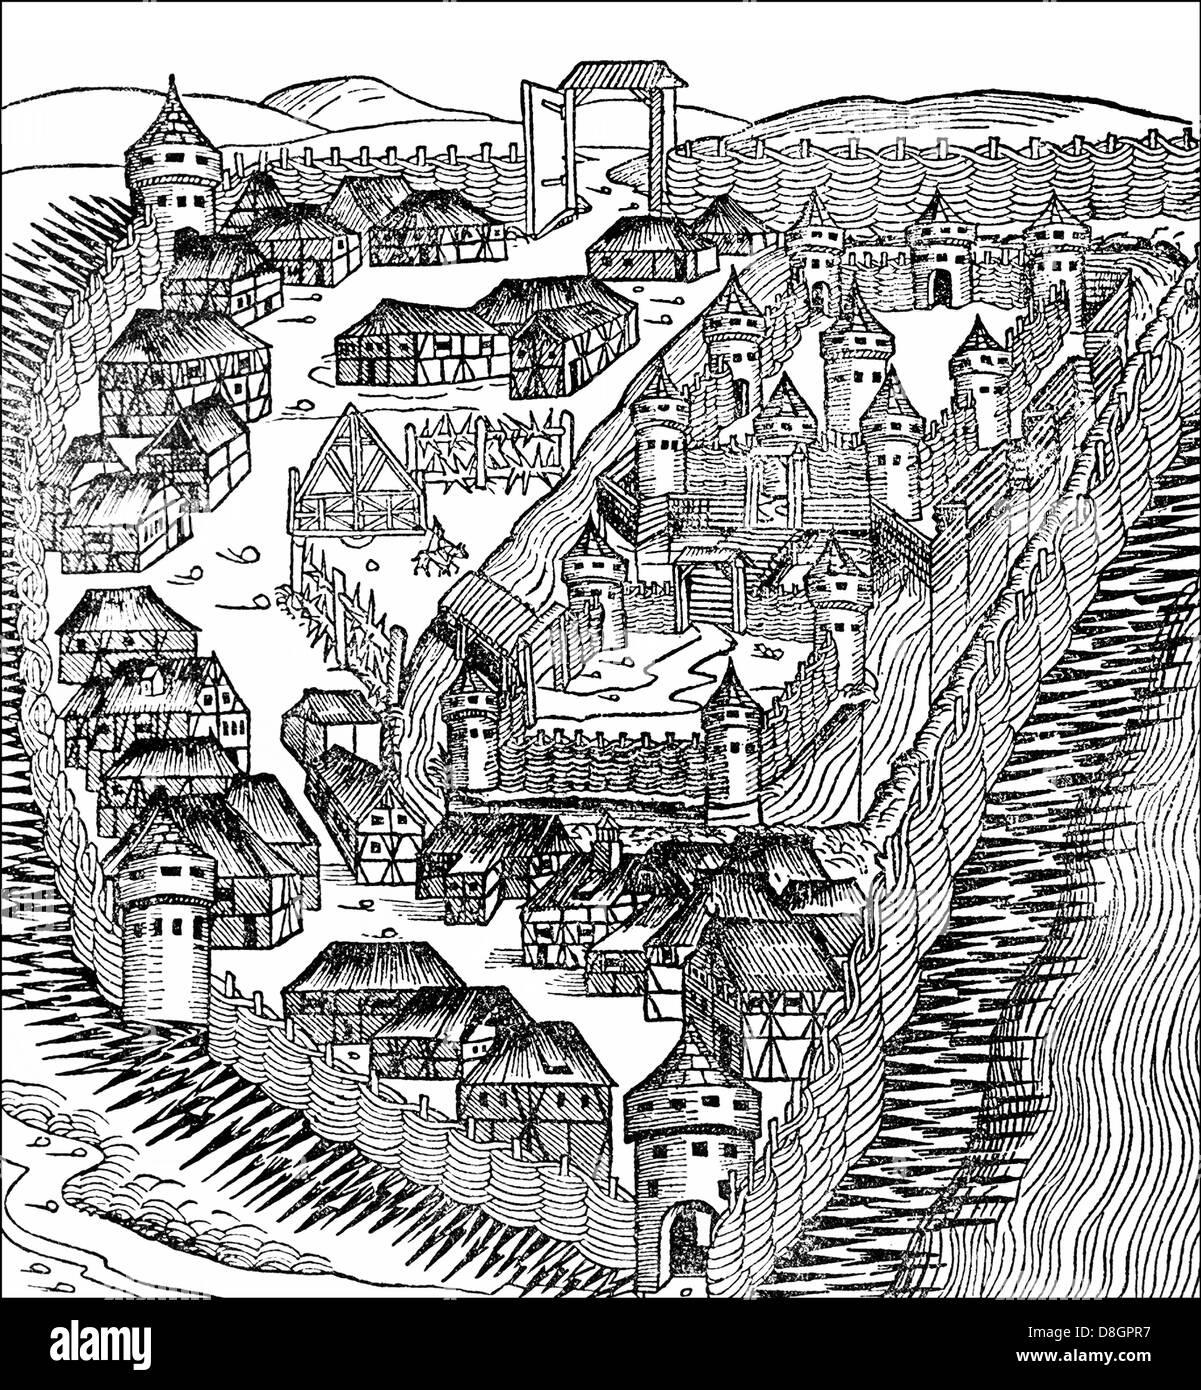 L'inizio di una città medievale, Europa Immagini Stock